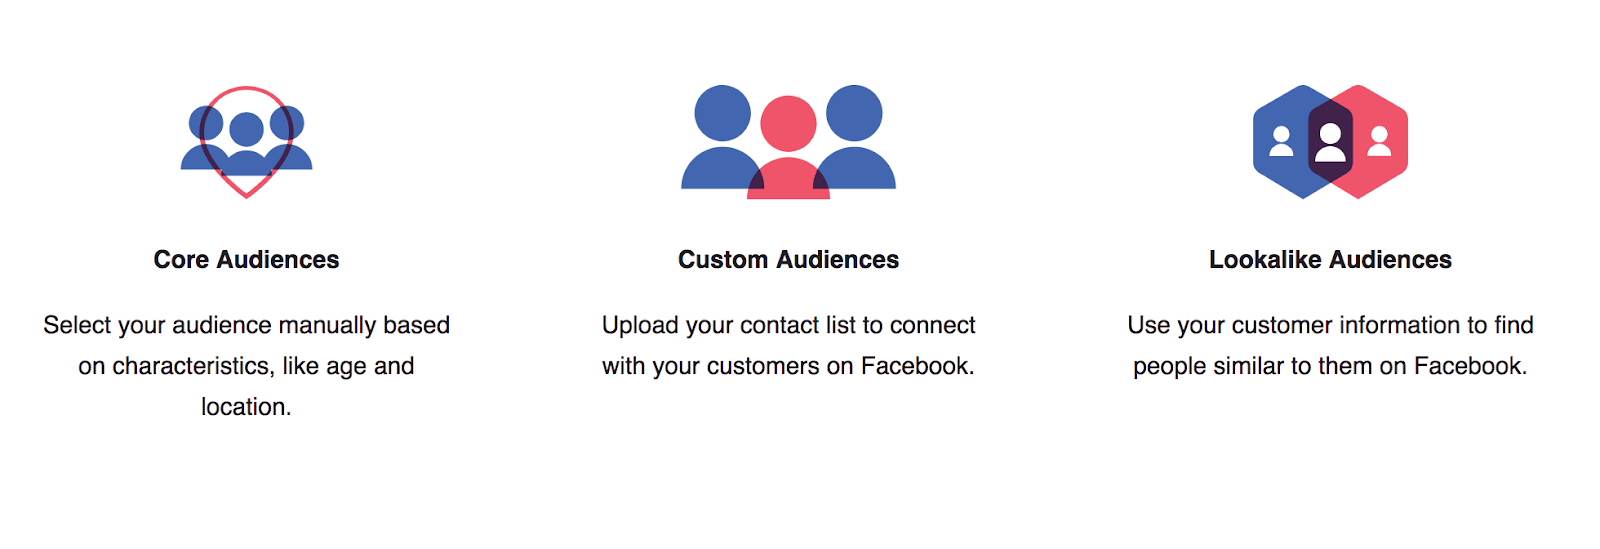 ประเภทของ Facebook Audience